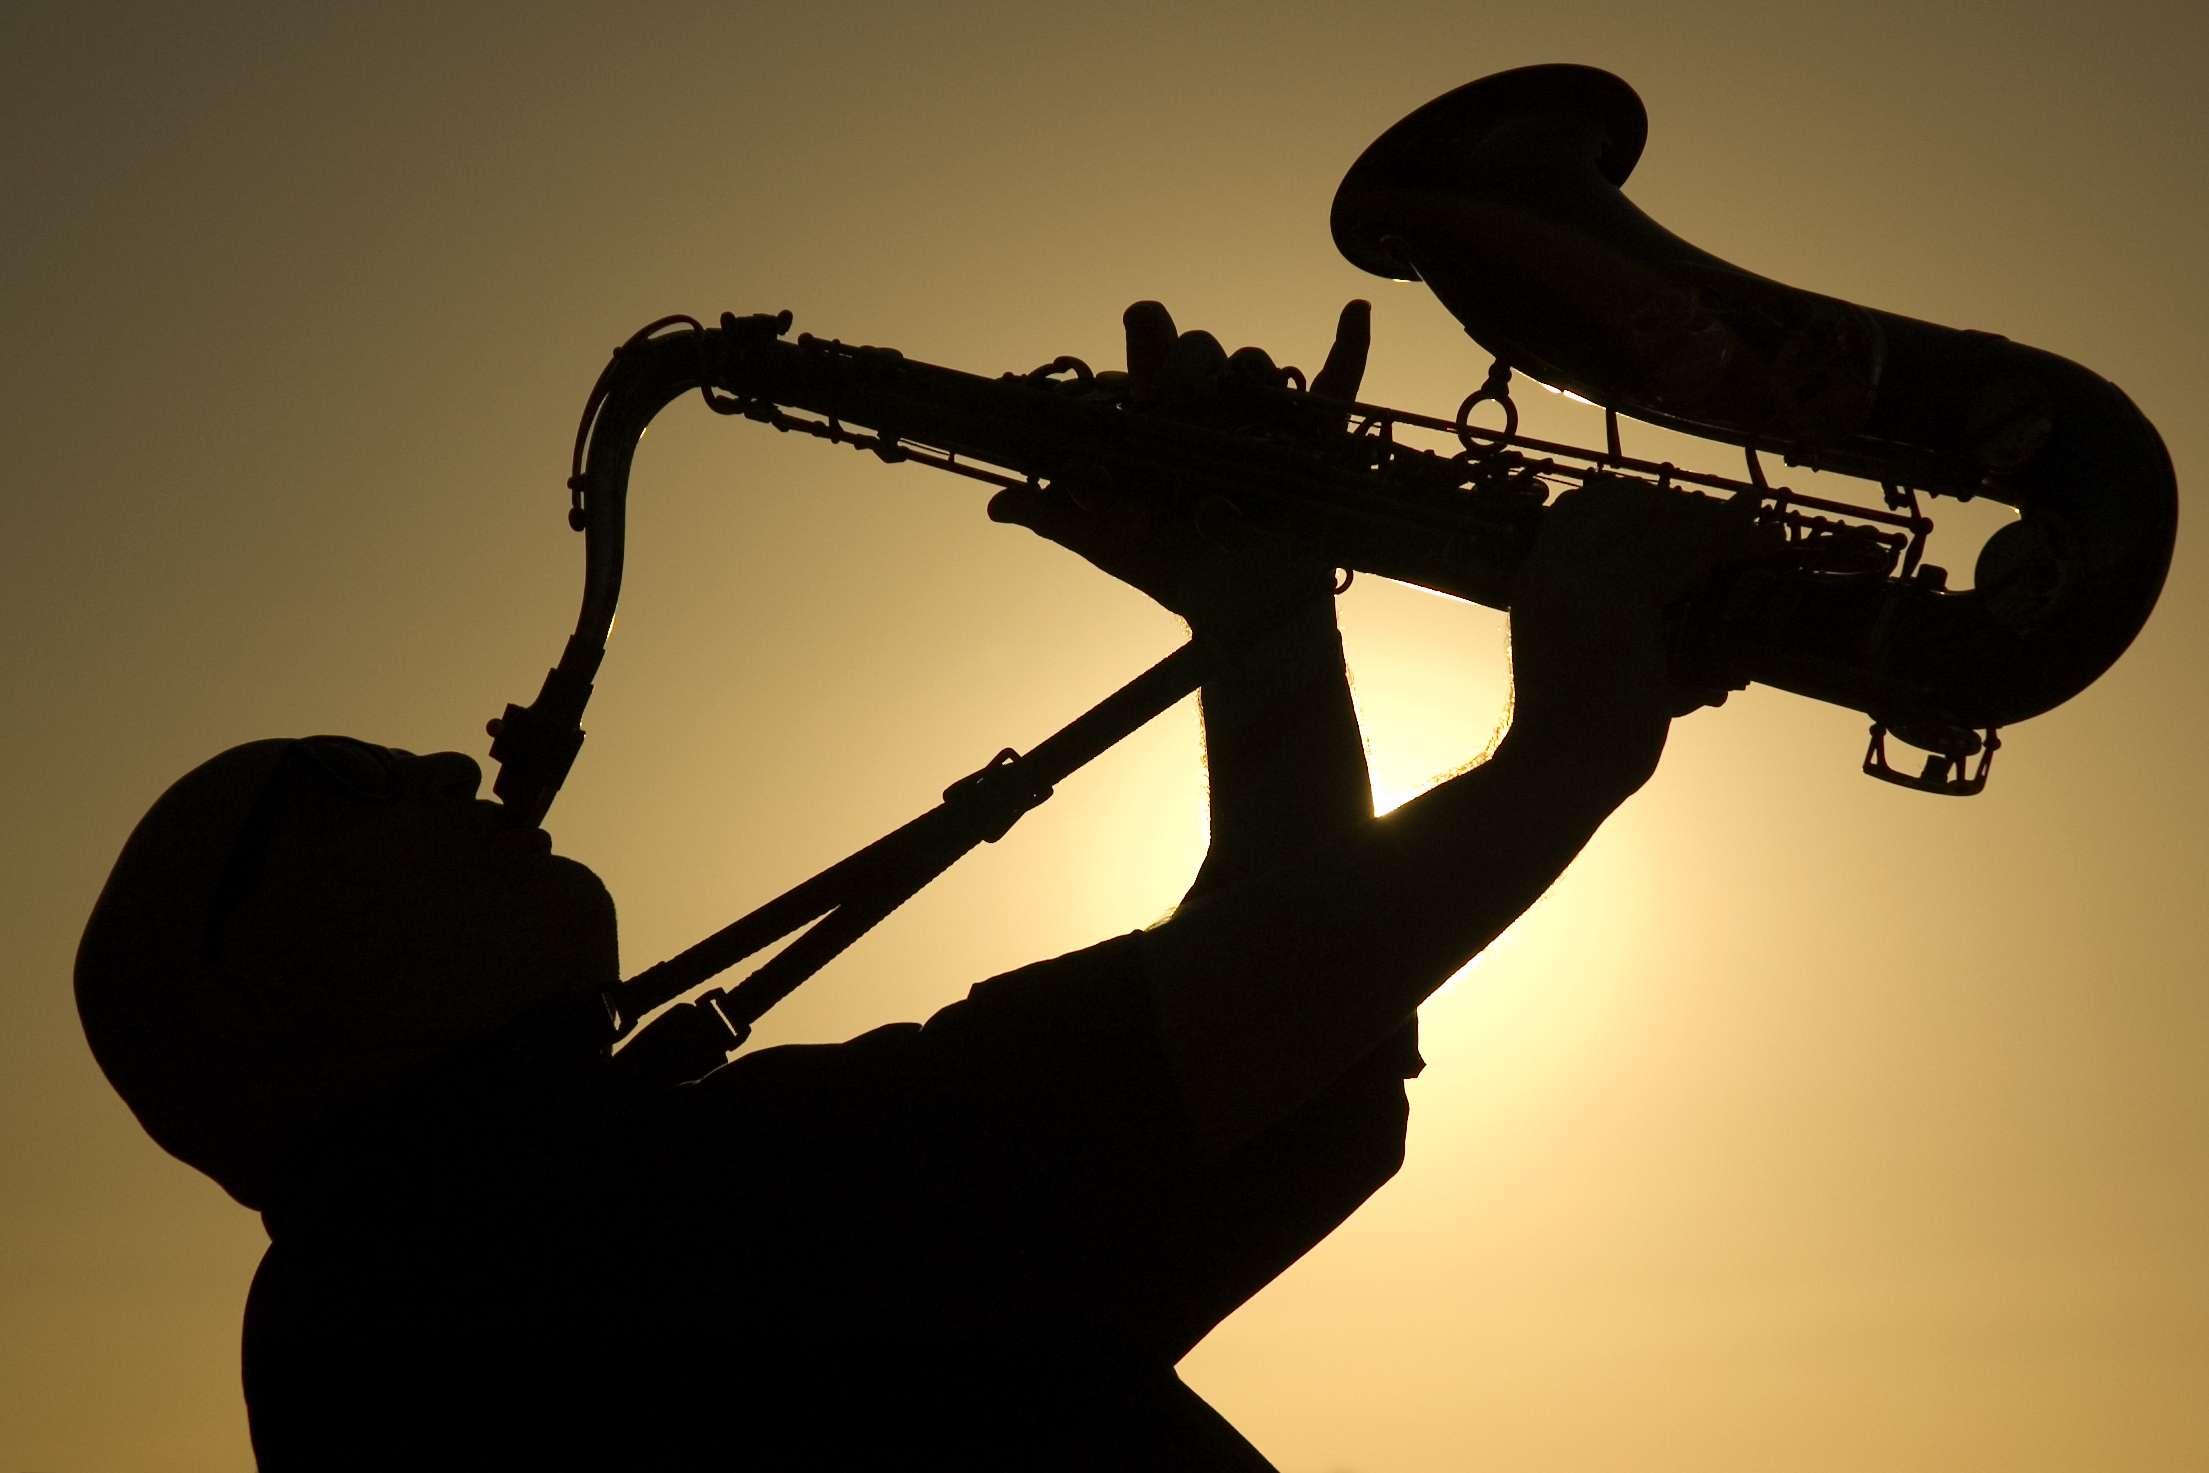 Saxomophone, saxomophone…